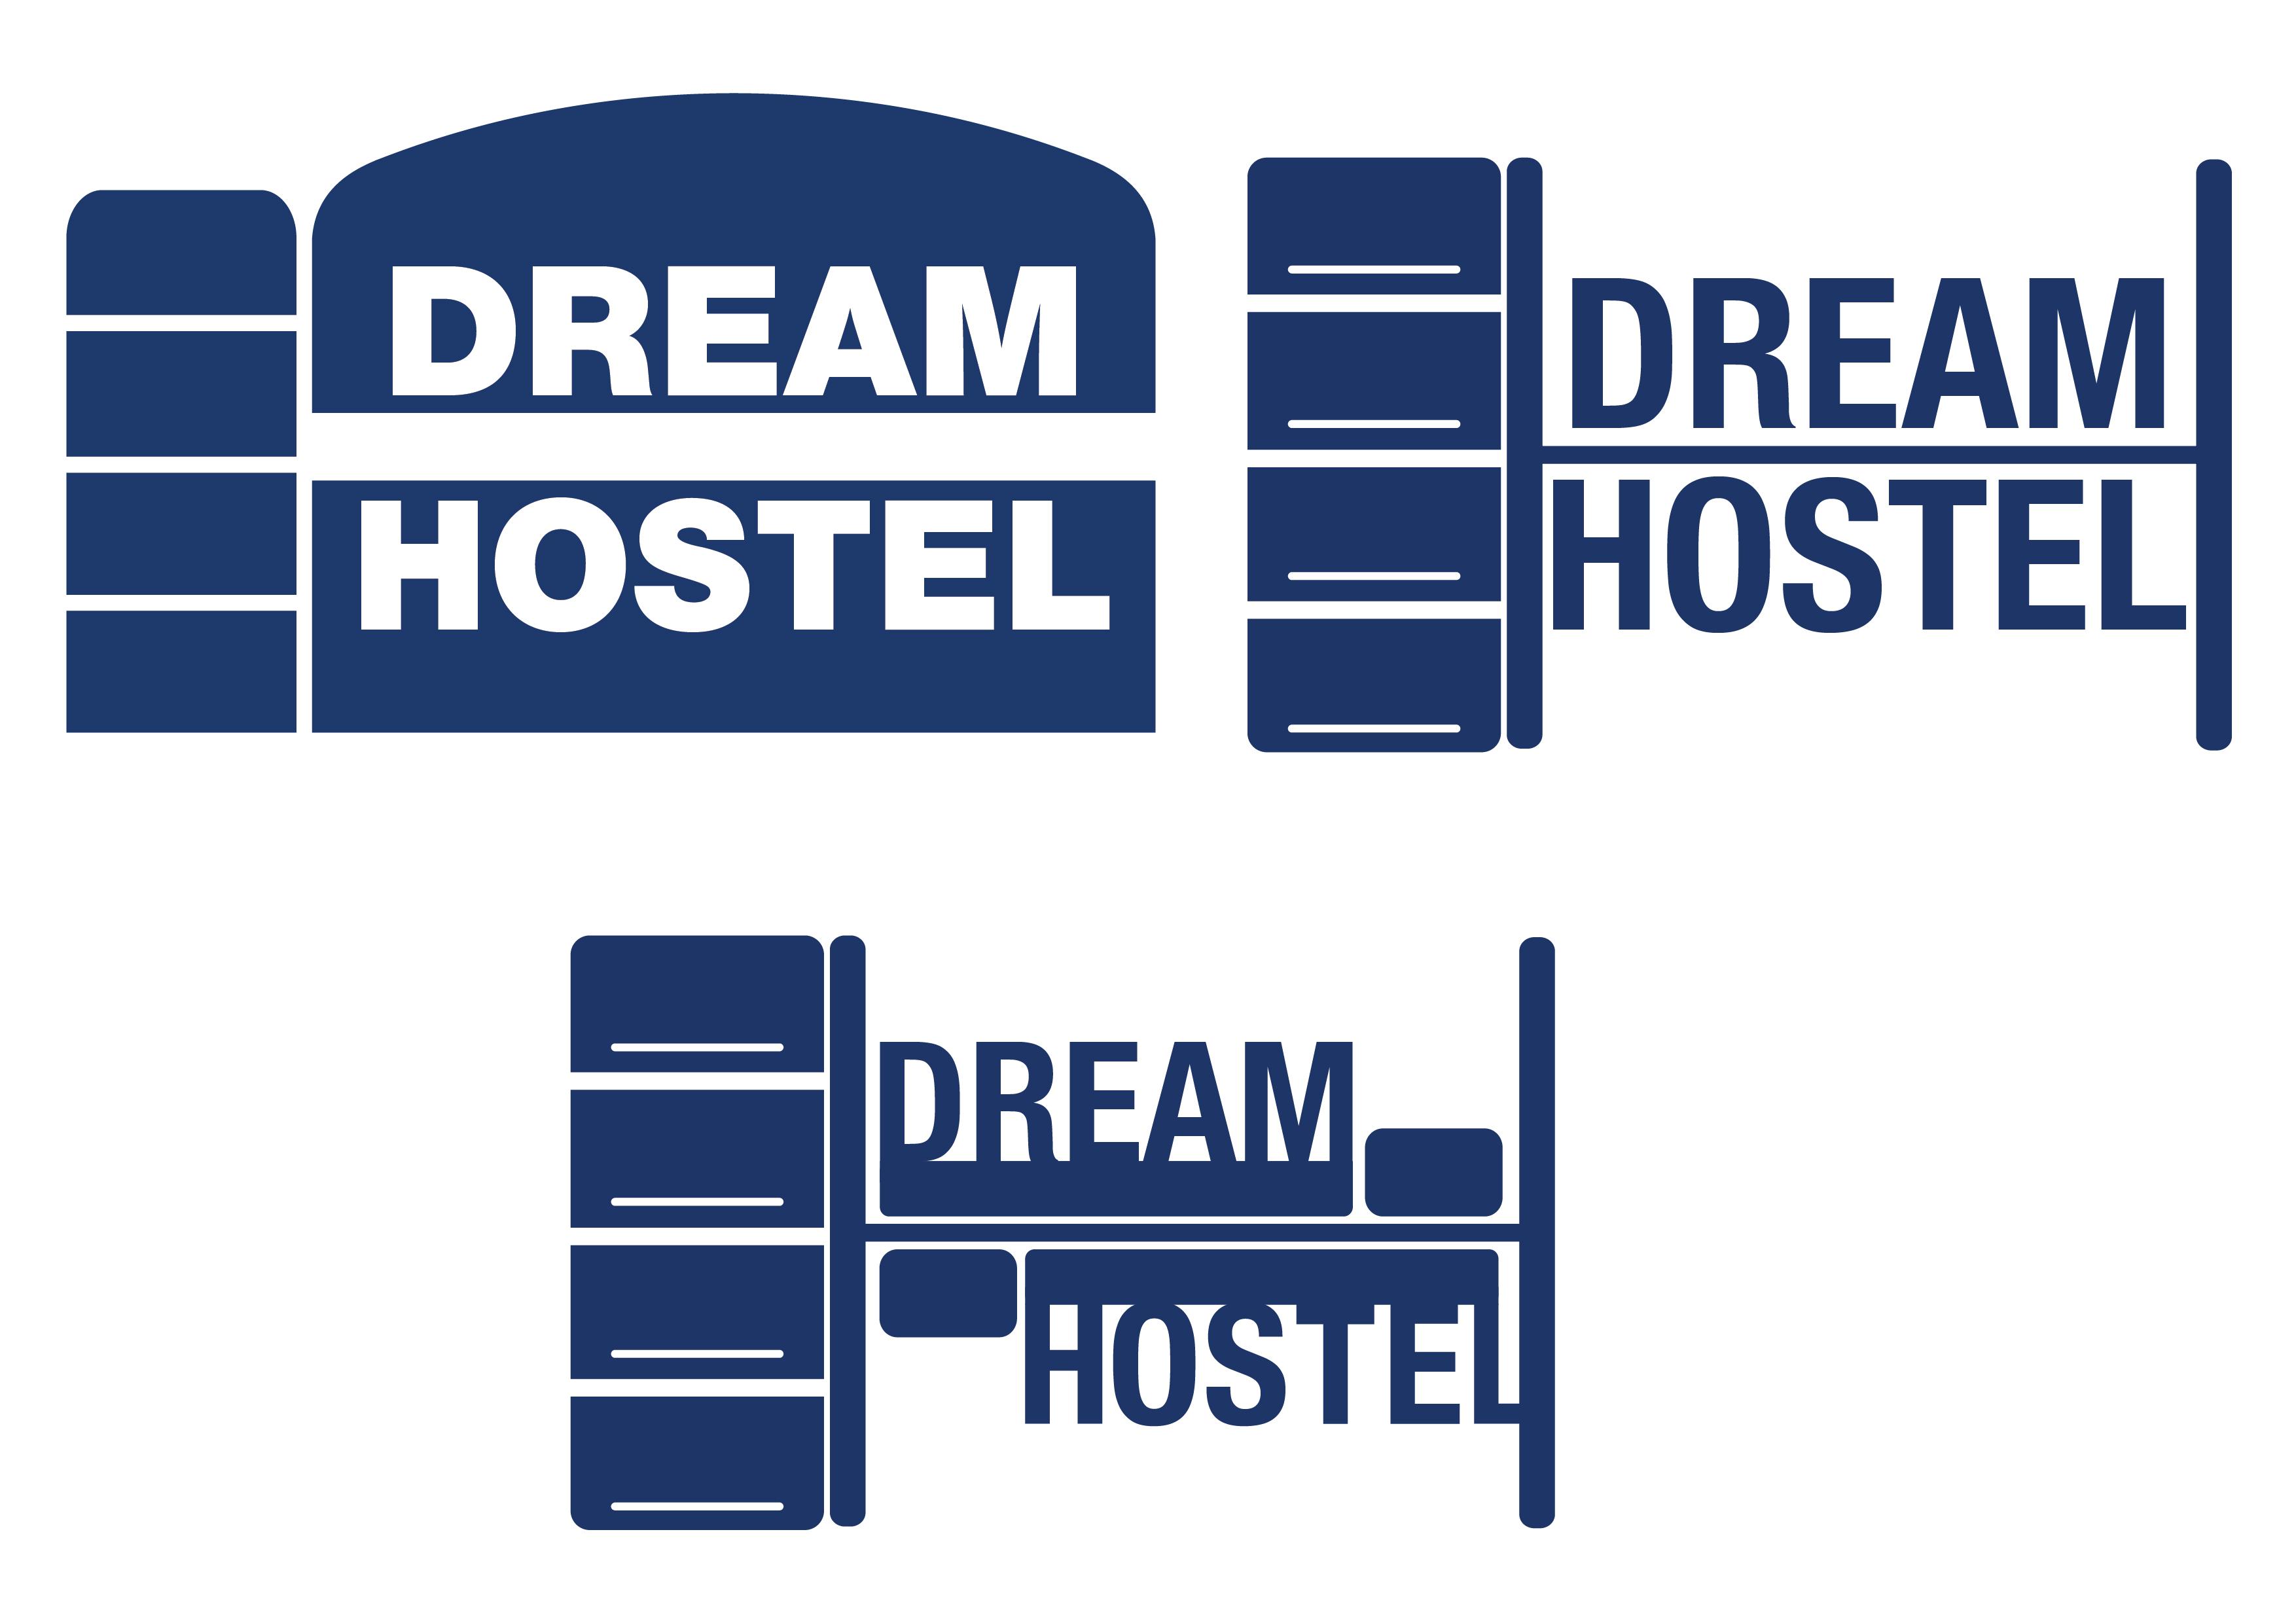 Нужна разработка логотипа, фирменного знака и фирменного сти фото f_7295468a231255f3.jpg